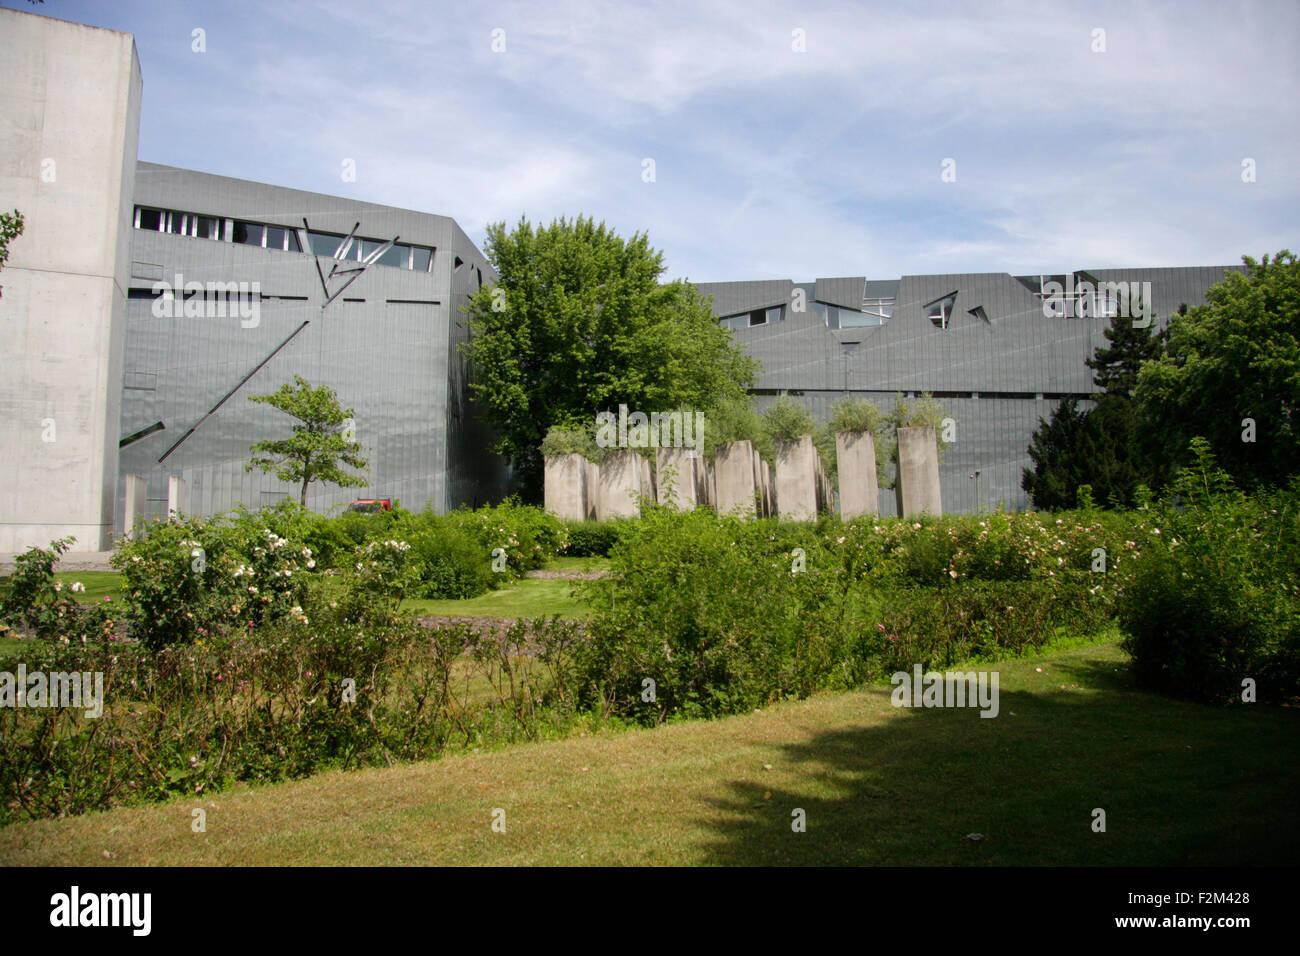 juedisches Museum, Berlin-Kreuzberg. - Stock Image